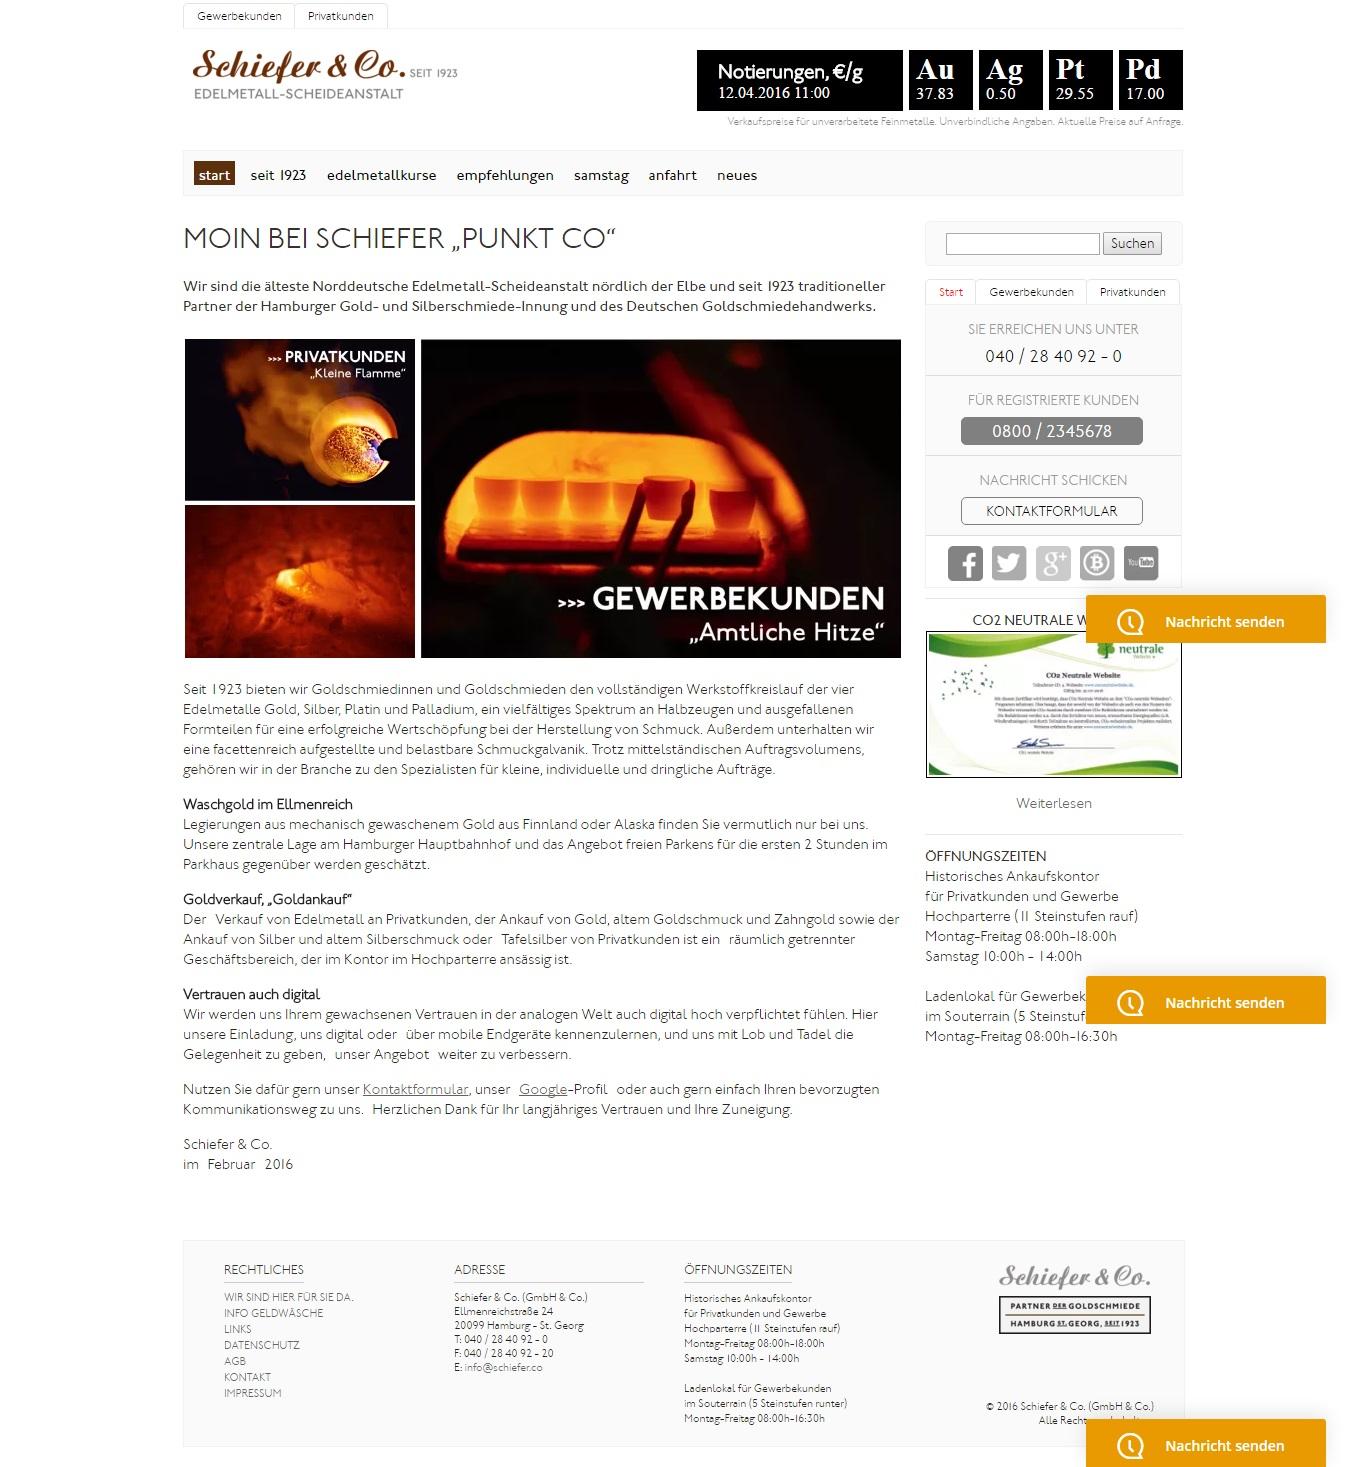 Schiefer & Co. Die älteste Norddeutsche Edelmetall-Scheideanstalt nördlich der Elbe